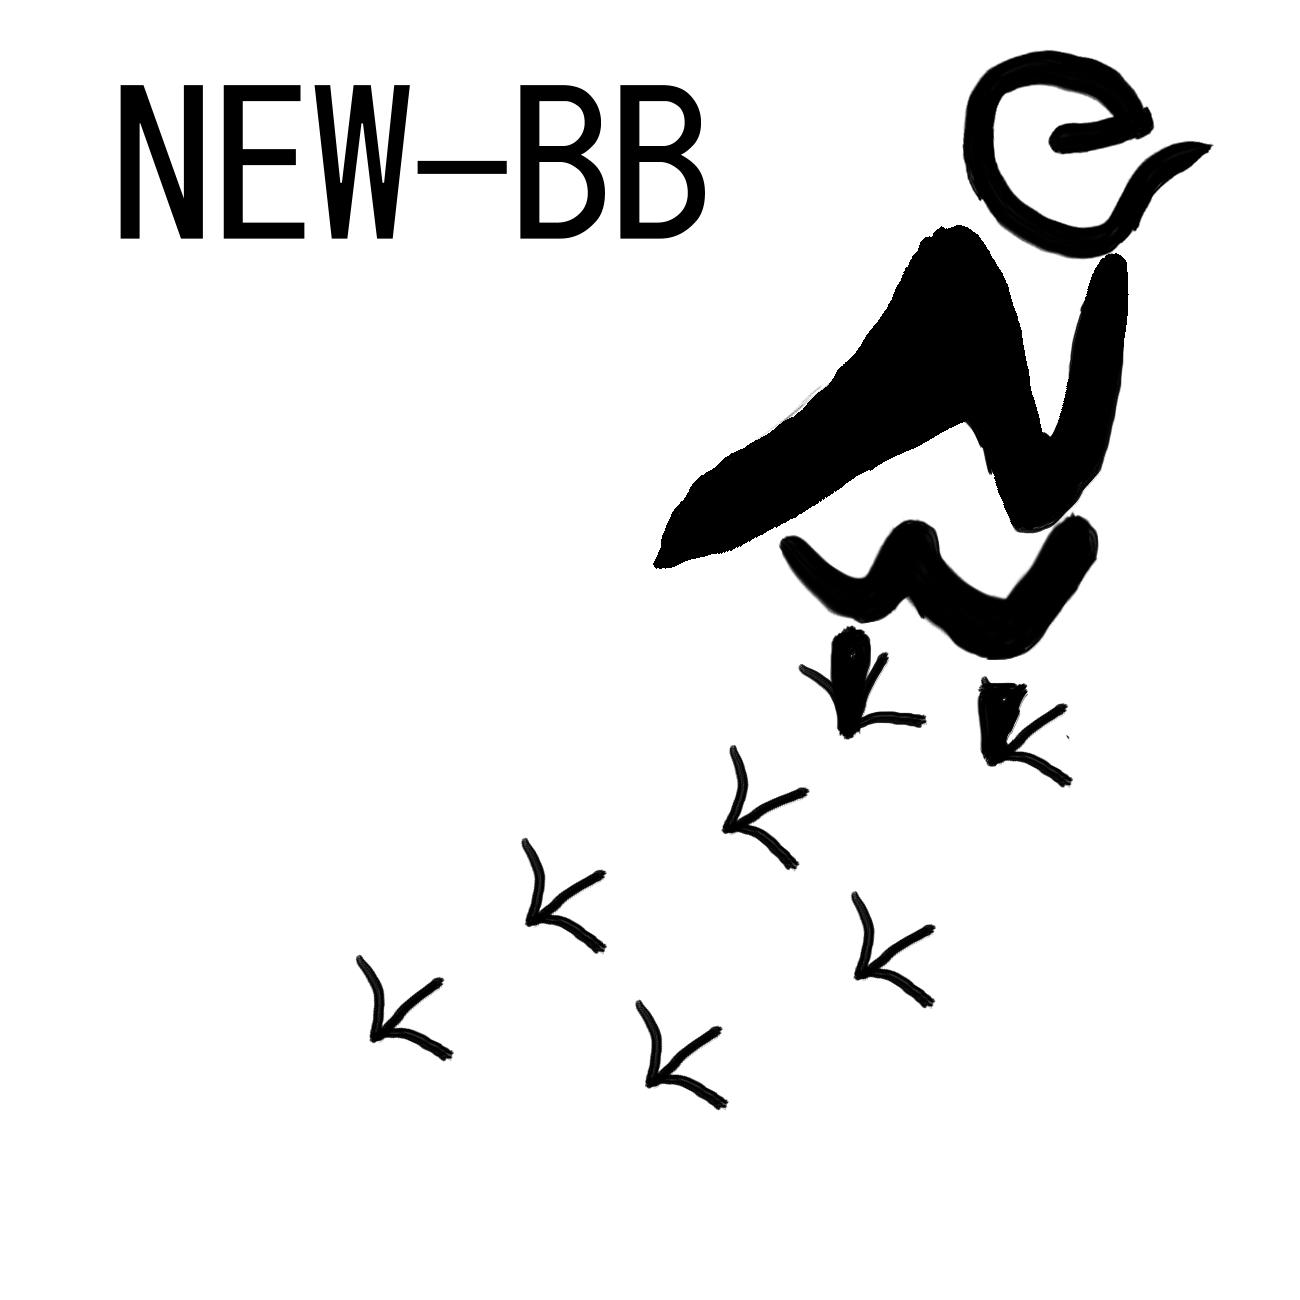 NEW-BB画像